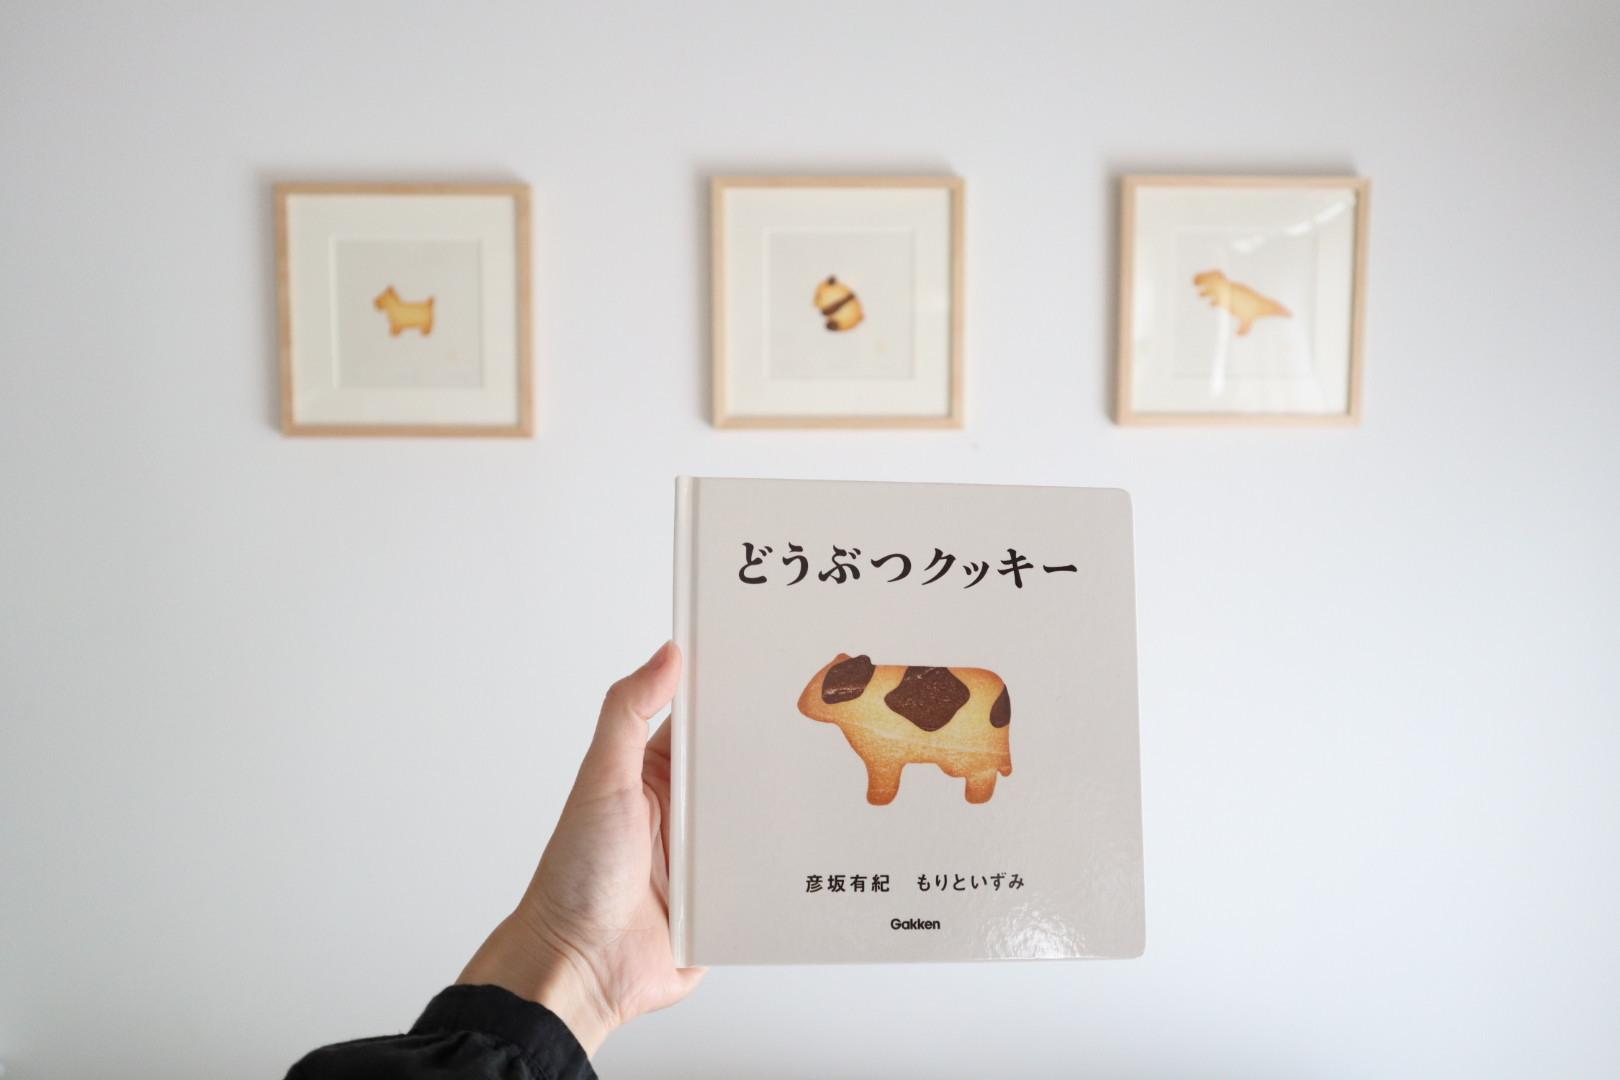 「どうぶつクッキー」出版記念展